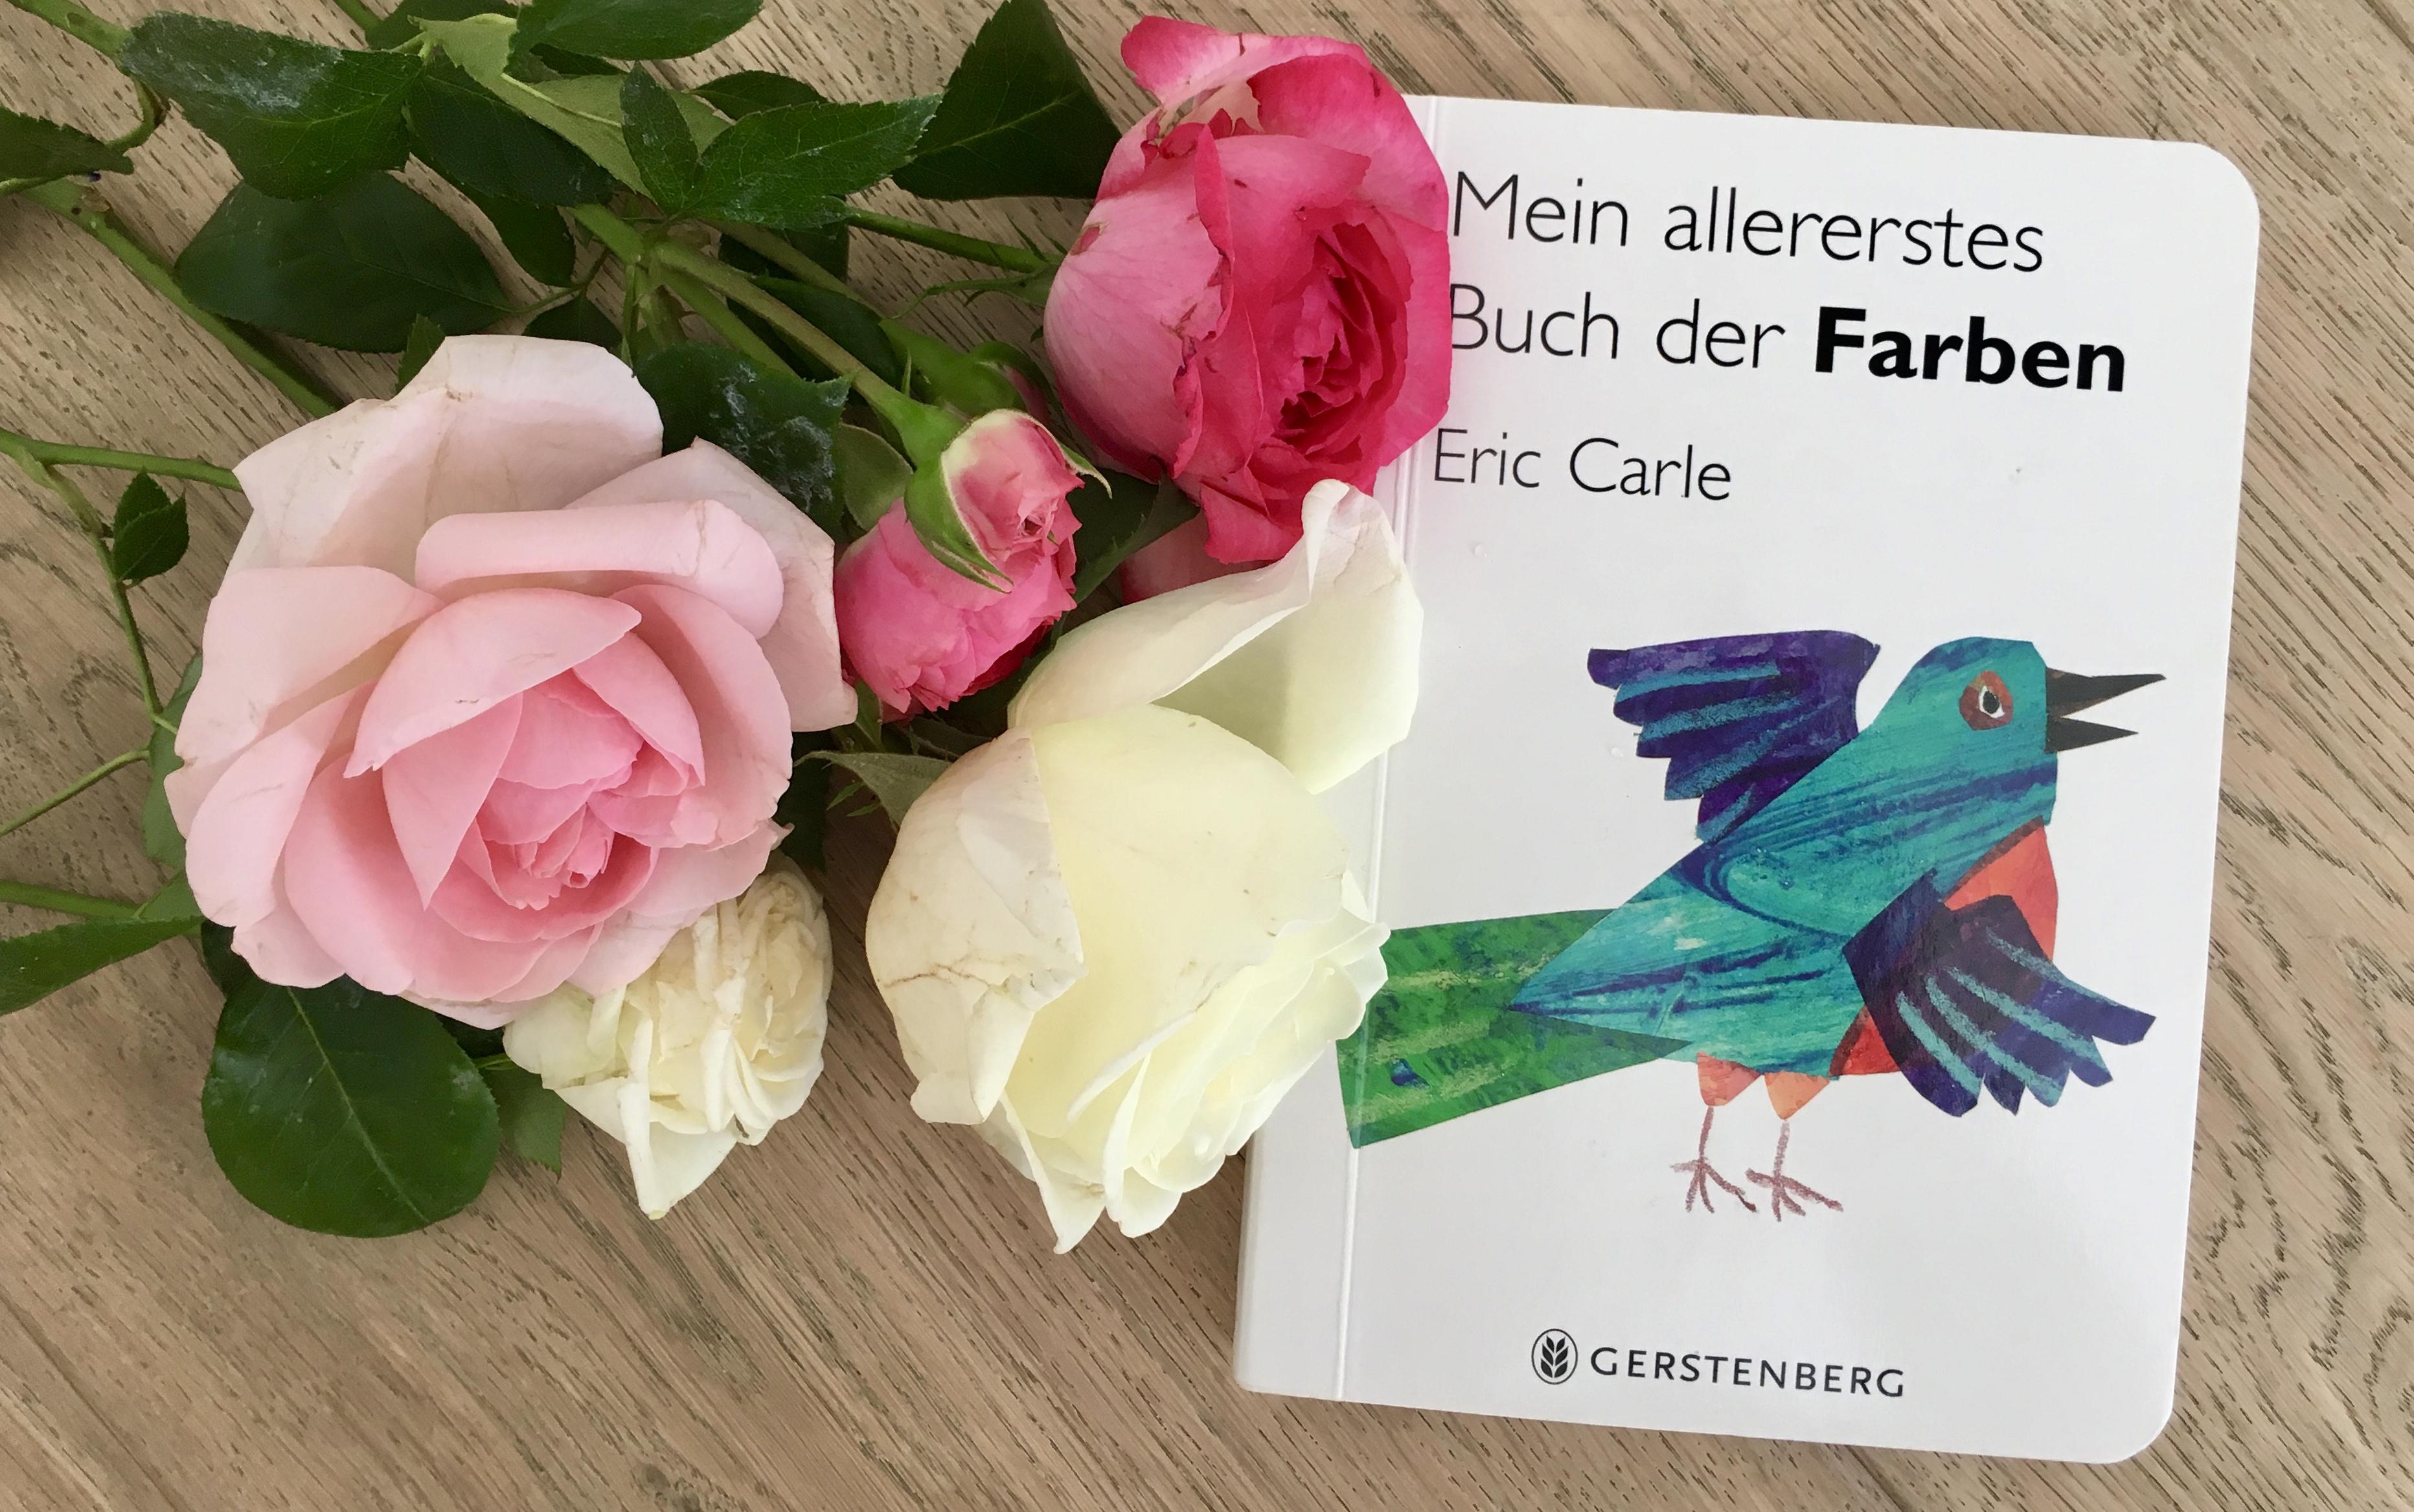 Mein allererstes Buch der Farben von Eric Carle (Illustration)